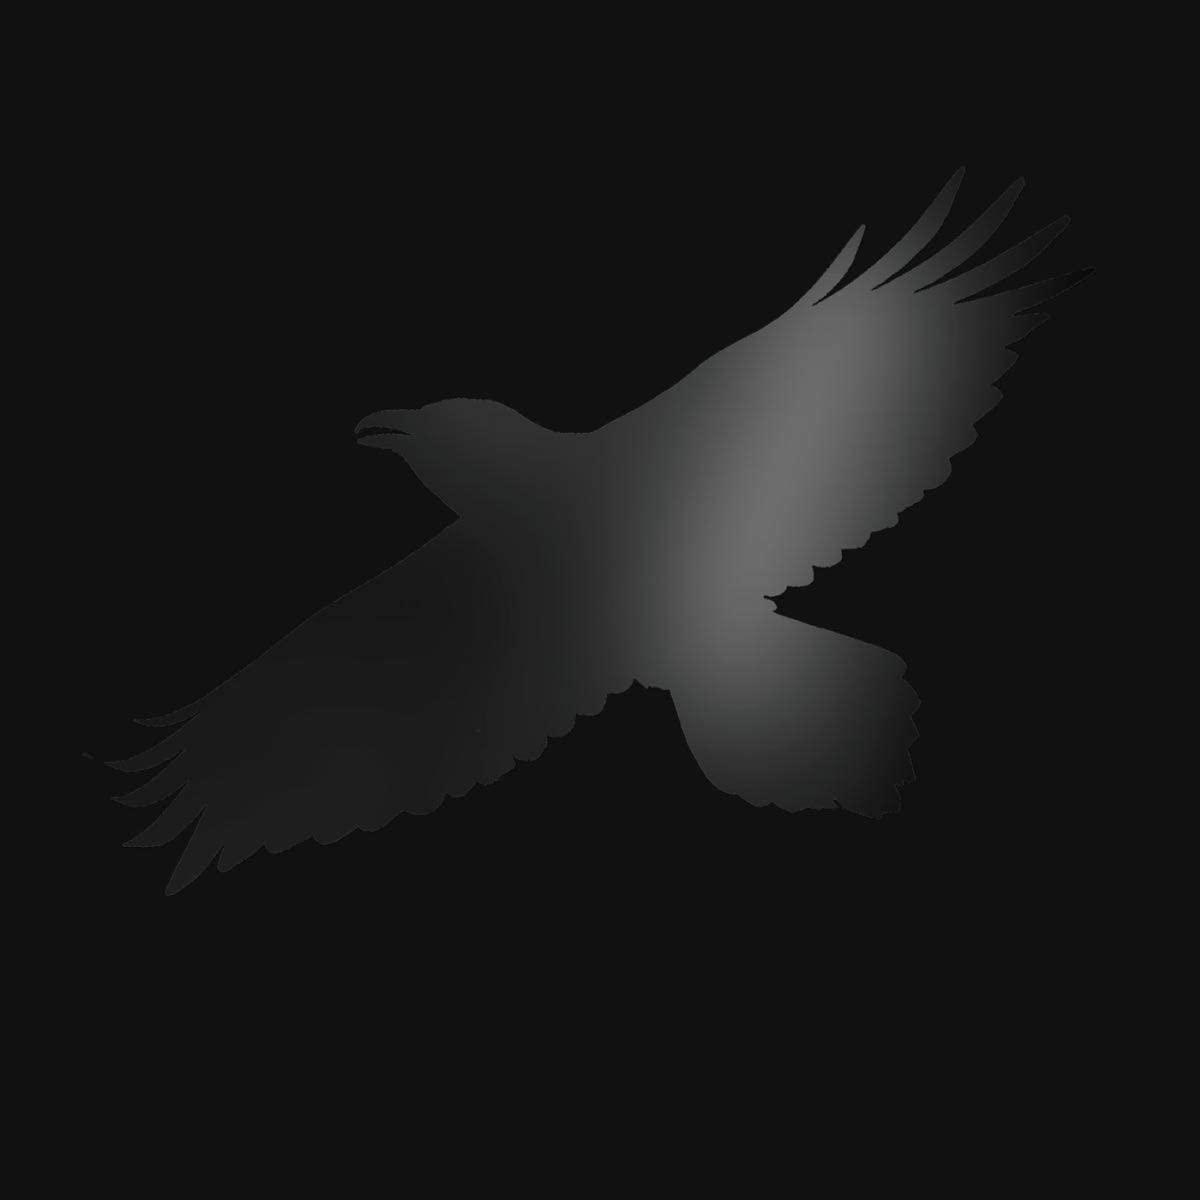 Sigur Rós - Odins Raven Magic [2xLP]